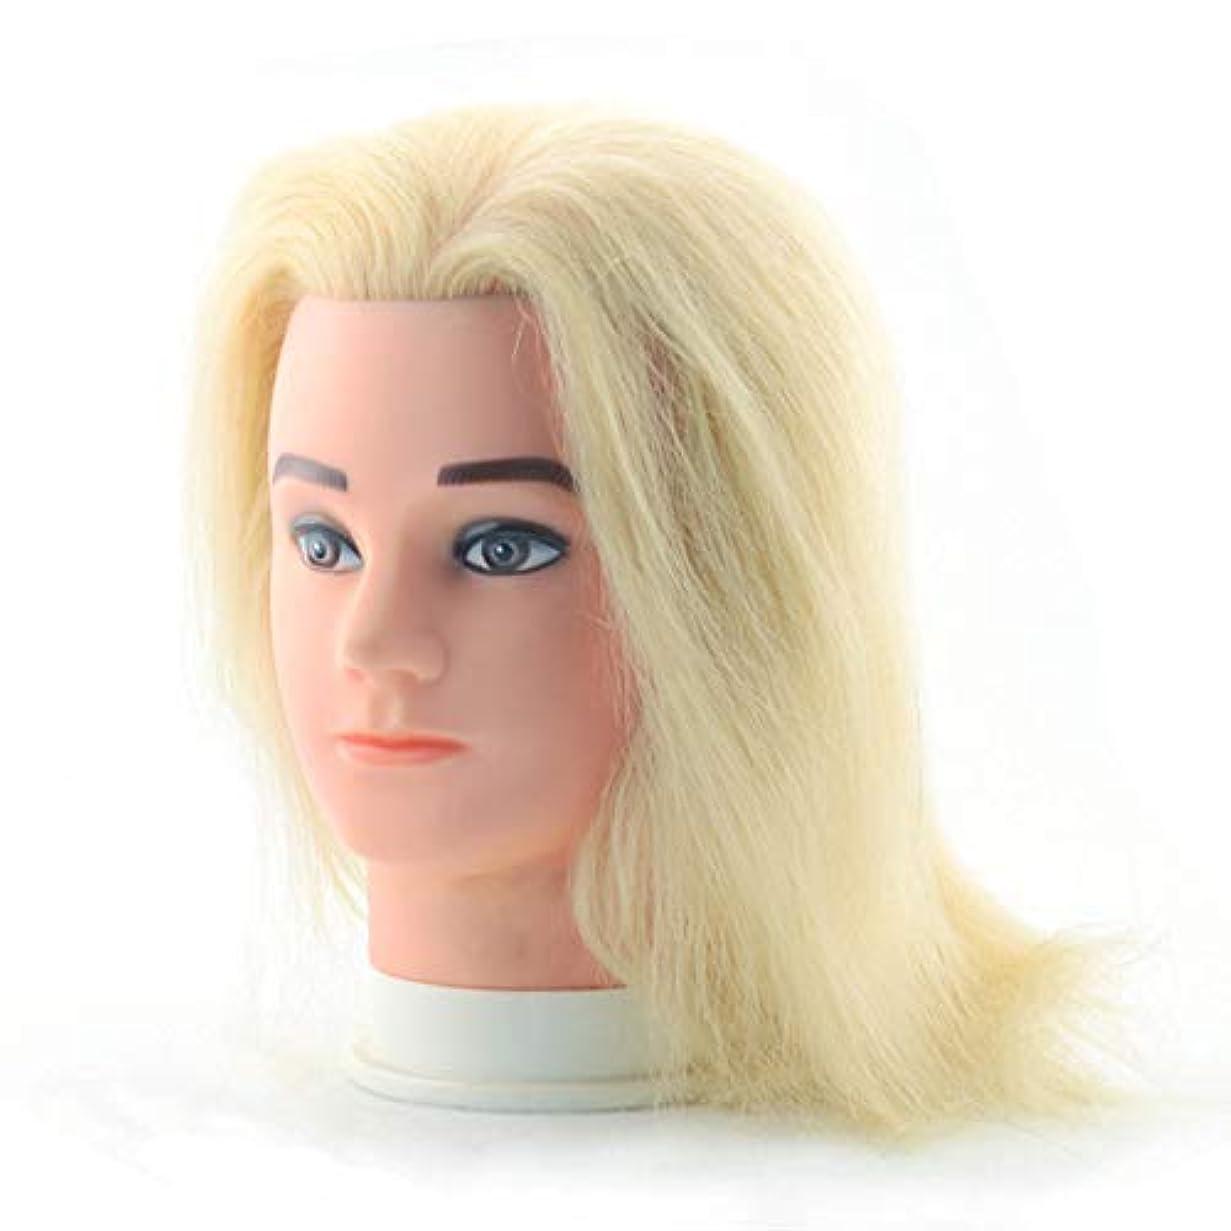 頂点トラブル感性理髪店の男性の化粧本物の人の毛のダミーの頭の編集ヘアプラクティスモデルの頭を染色することができます頭金